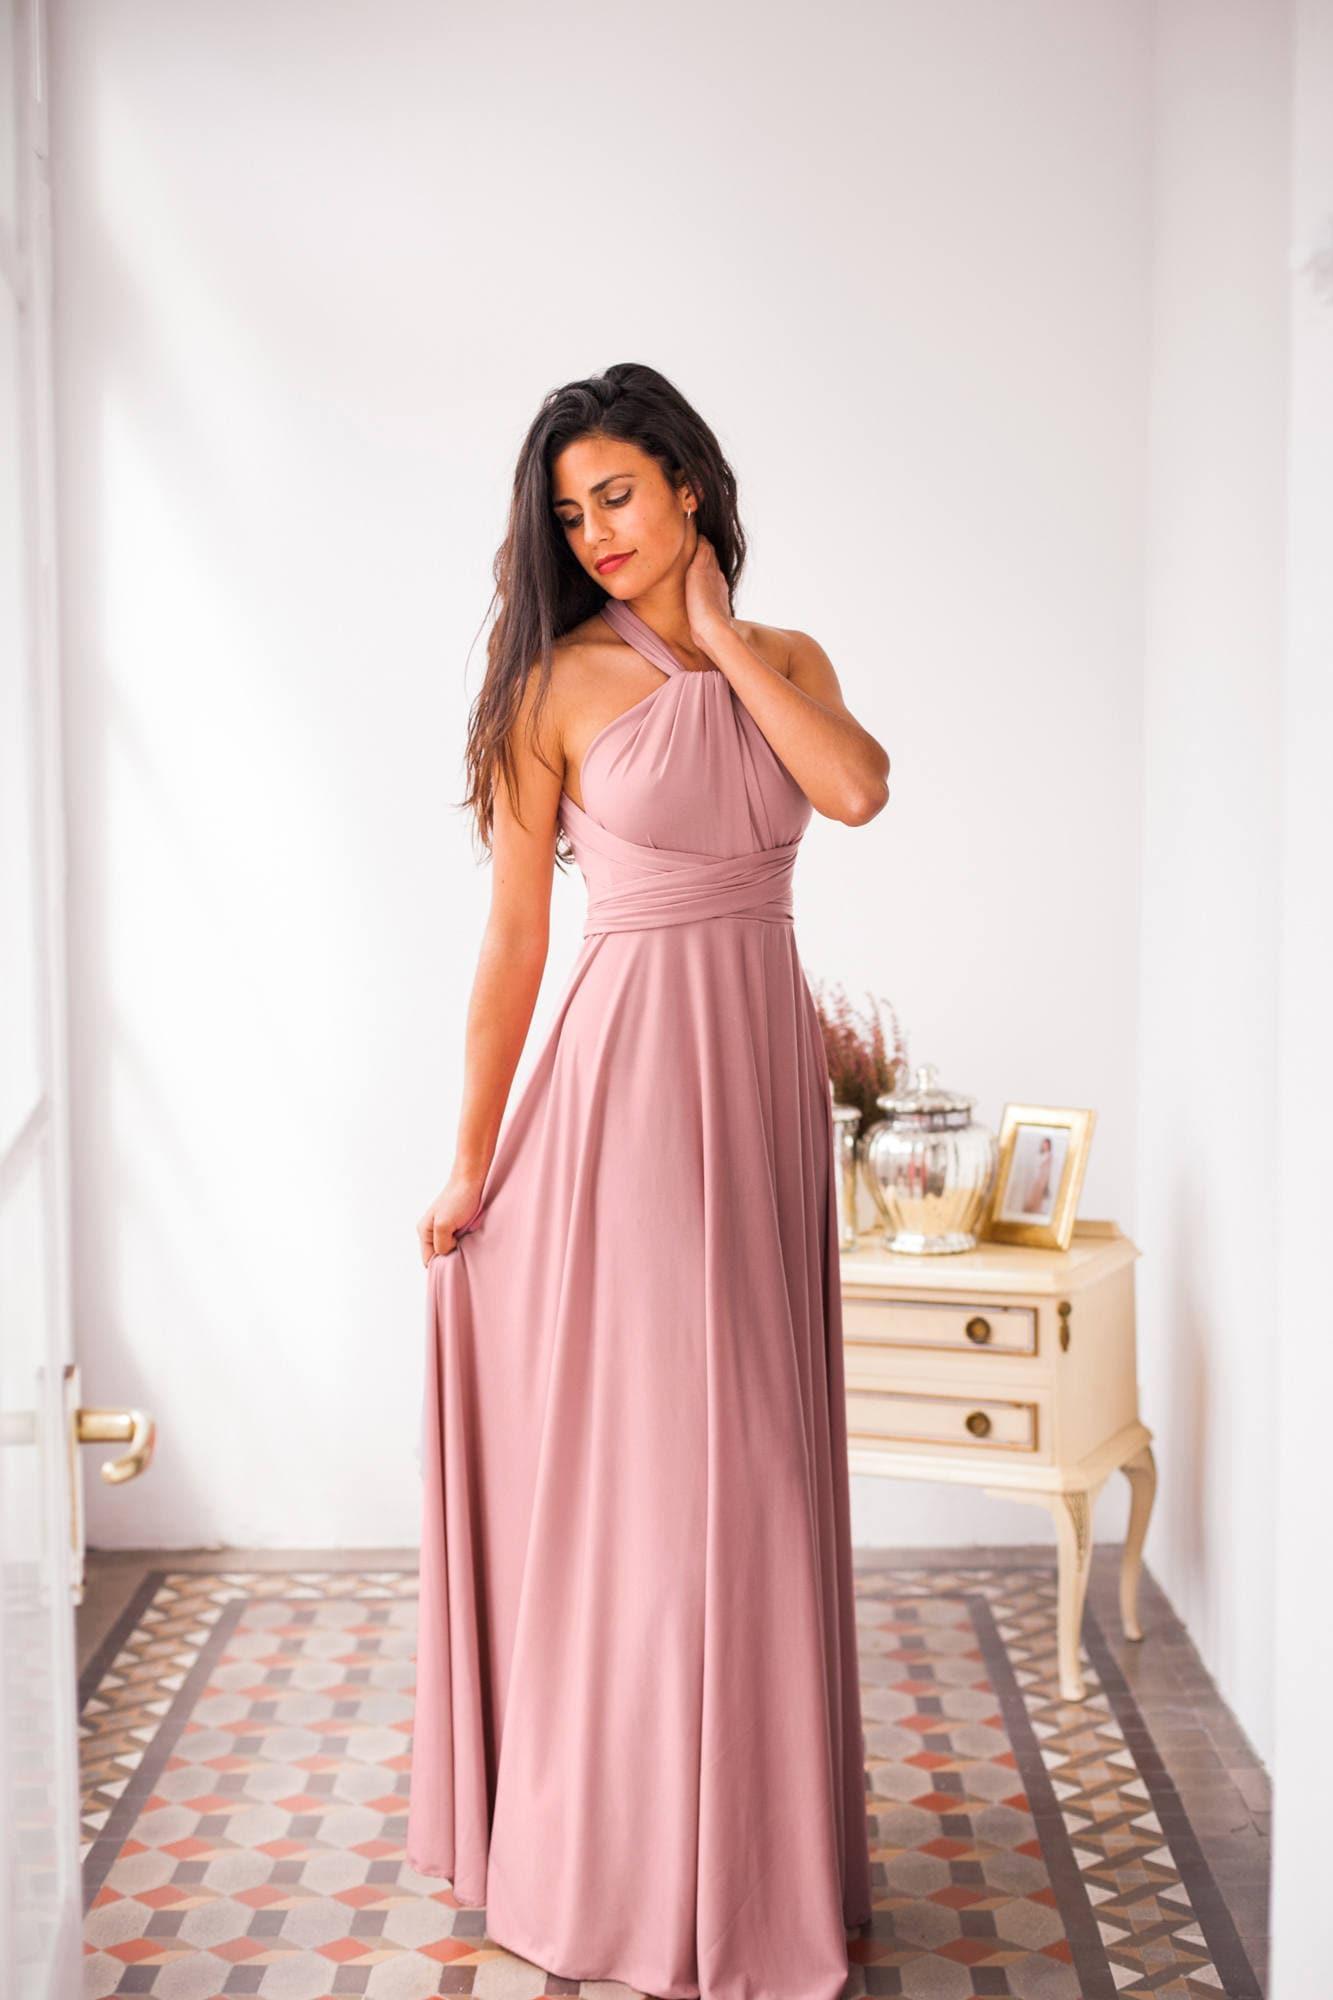 Vestido romantico rosa palo vestido largo de fiesta vestido | Etsy